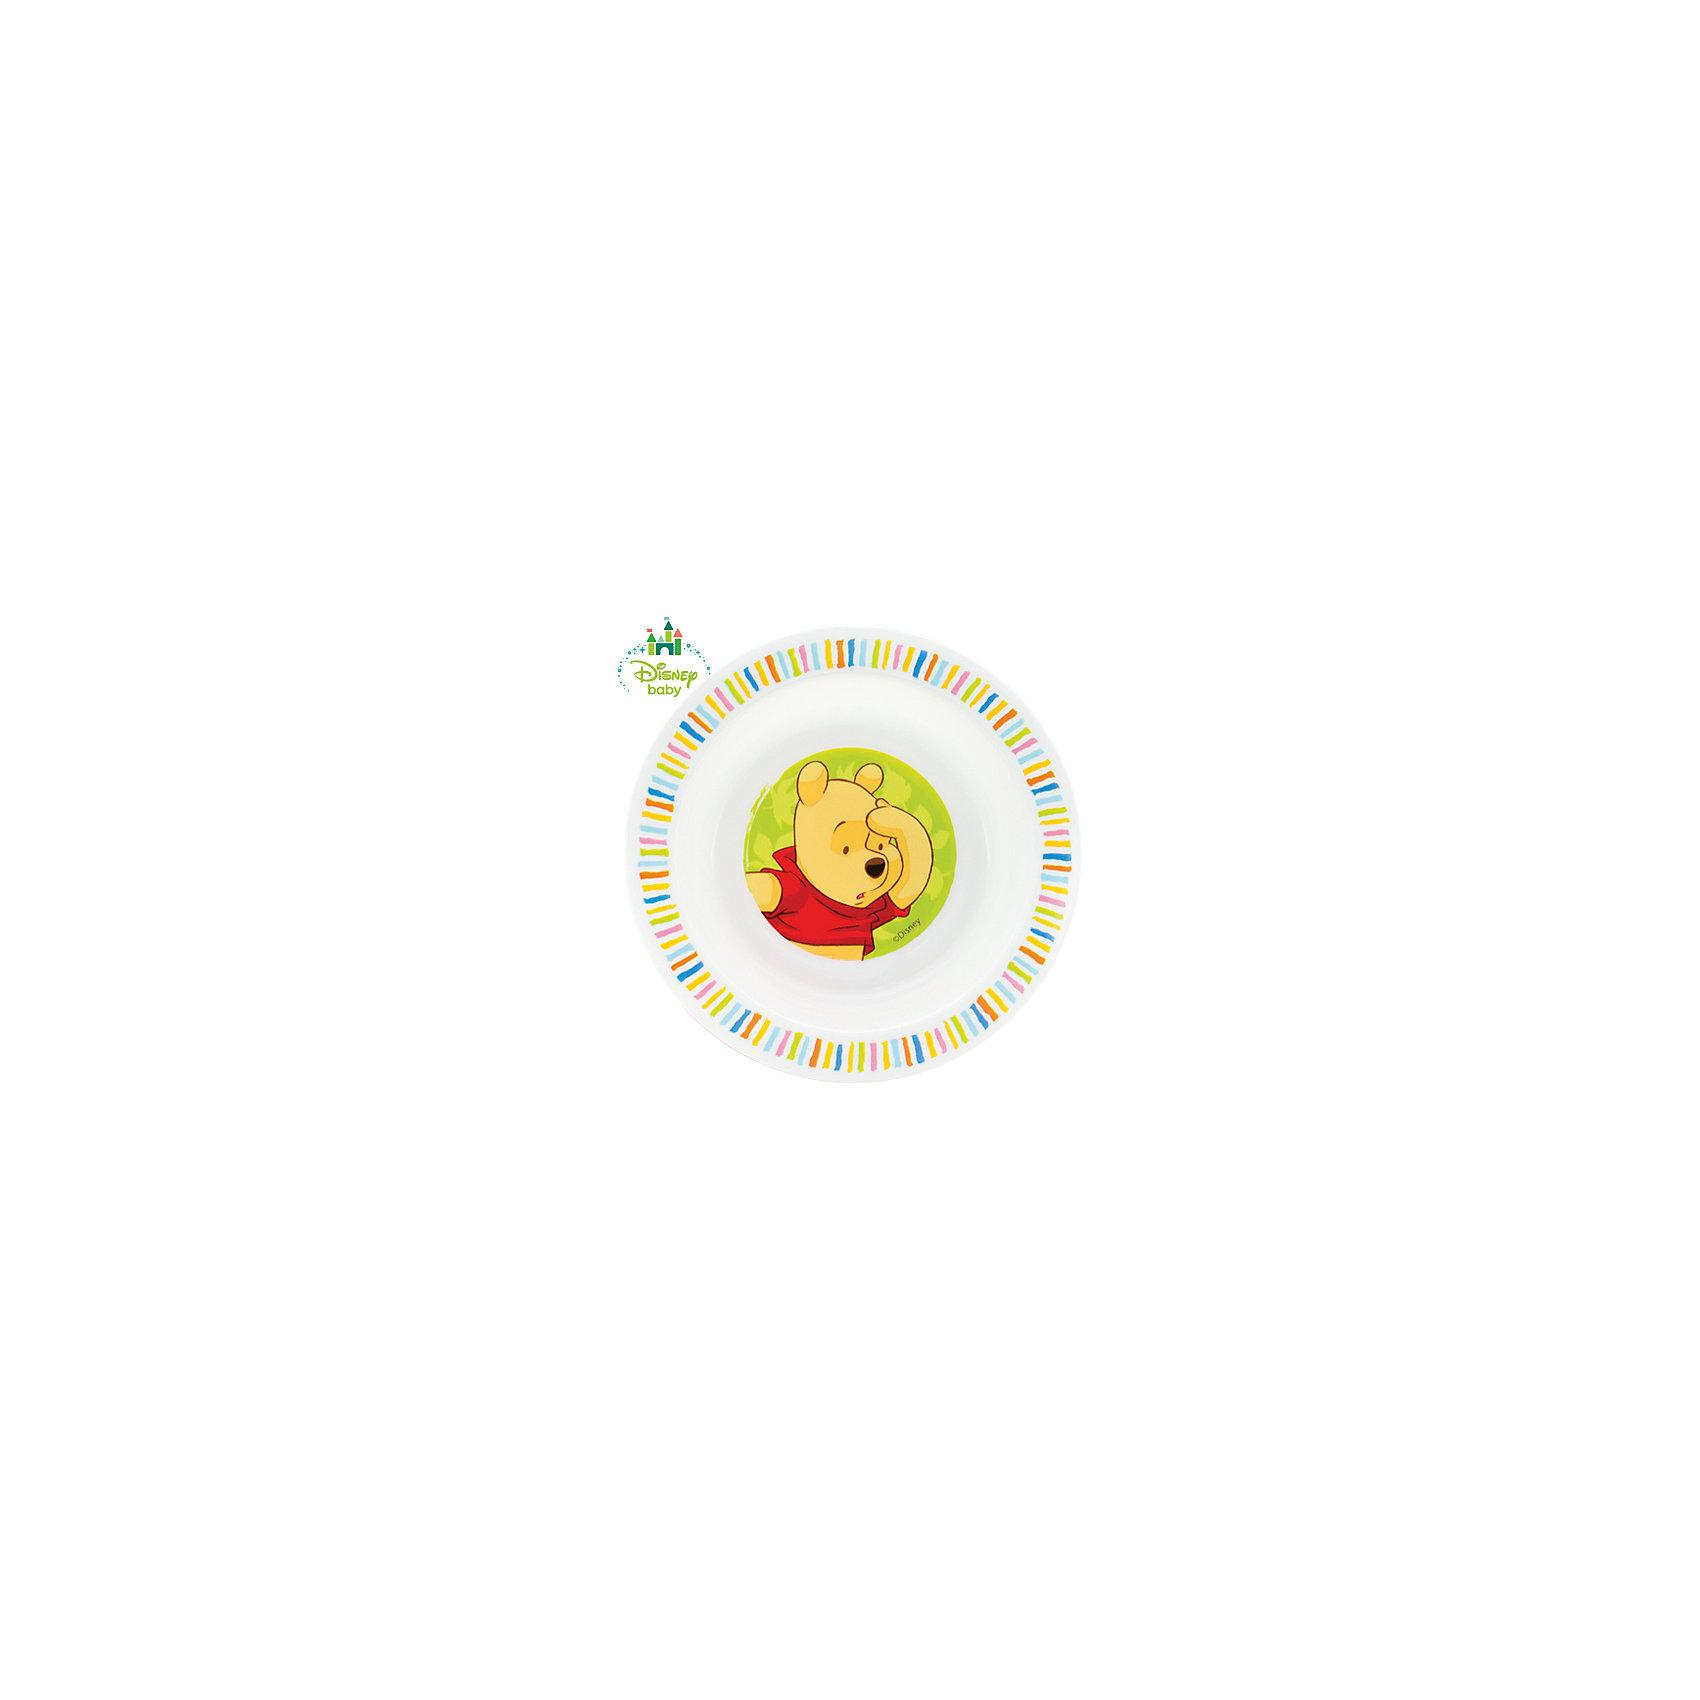 Тарелка Мои друзья Тигруля и Винни с присоской DISNEY от 6 мес., LUBBY, белыйТарелка с присоской Мои друзья Тигруля и Винни подойдет Вашему малышу, когда он учиться кушаться самостоятельно. Яркий рисунок на дне тарелки  смотивирует  малыша доесть все до конца и превратит прием пищи в увлекательную  игру. Присоска фиксирует тарелку на любых гладких поверхностях.<br>Перед первым использованием и после каждого применения мойте изделия в теплой воде с мылом, отделив все части тарелки. Можно мыть в посудомоечной машине (предварительно сняв присоску).<br><br>Дополнительная информация: <br><br>- состав: полипропилен (pp), присоска - термопластичная резина (рр)<br>- срок службы: 1 год<br><br> Тарелку на присоске Мои друзья Тигруля и Винни можно купить в нашем интернет-магазине.<br><br>Ширина мм: 450<br>Глубина мм: 100<br>Высота мм: 450<br>Вес г: 350<br>Возраст от месяцев: 6<br>Возраст до месяцев: 36<br>Пол: Унисекс<br>Возраст: Детский<br>SKU: 4801570